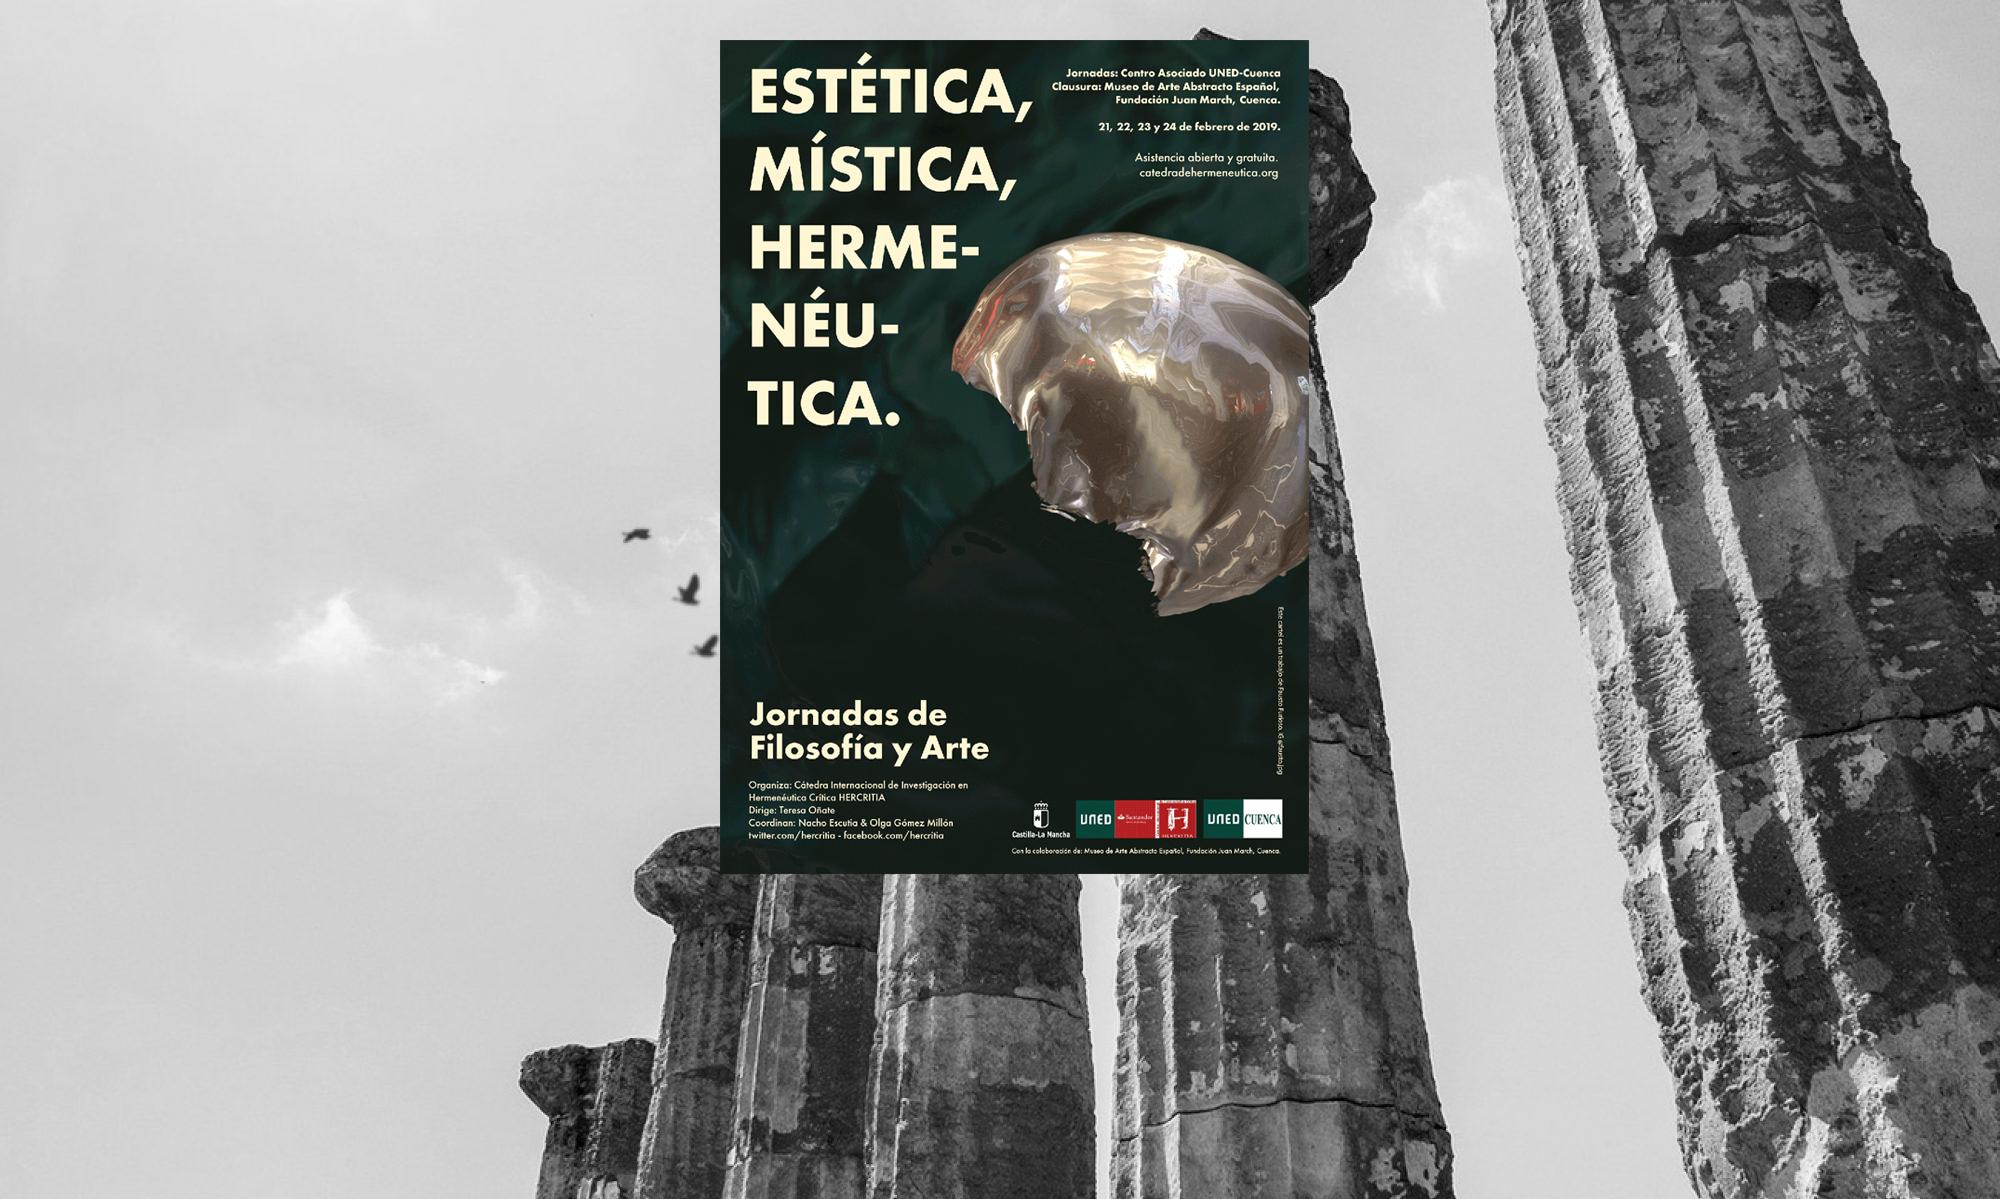 Hercritia